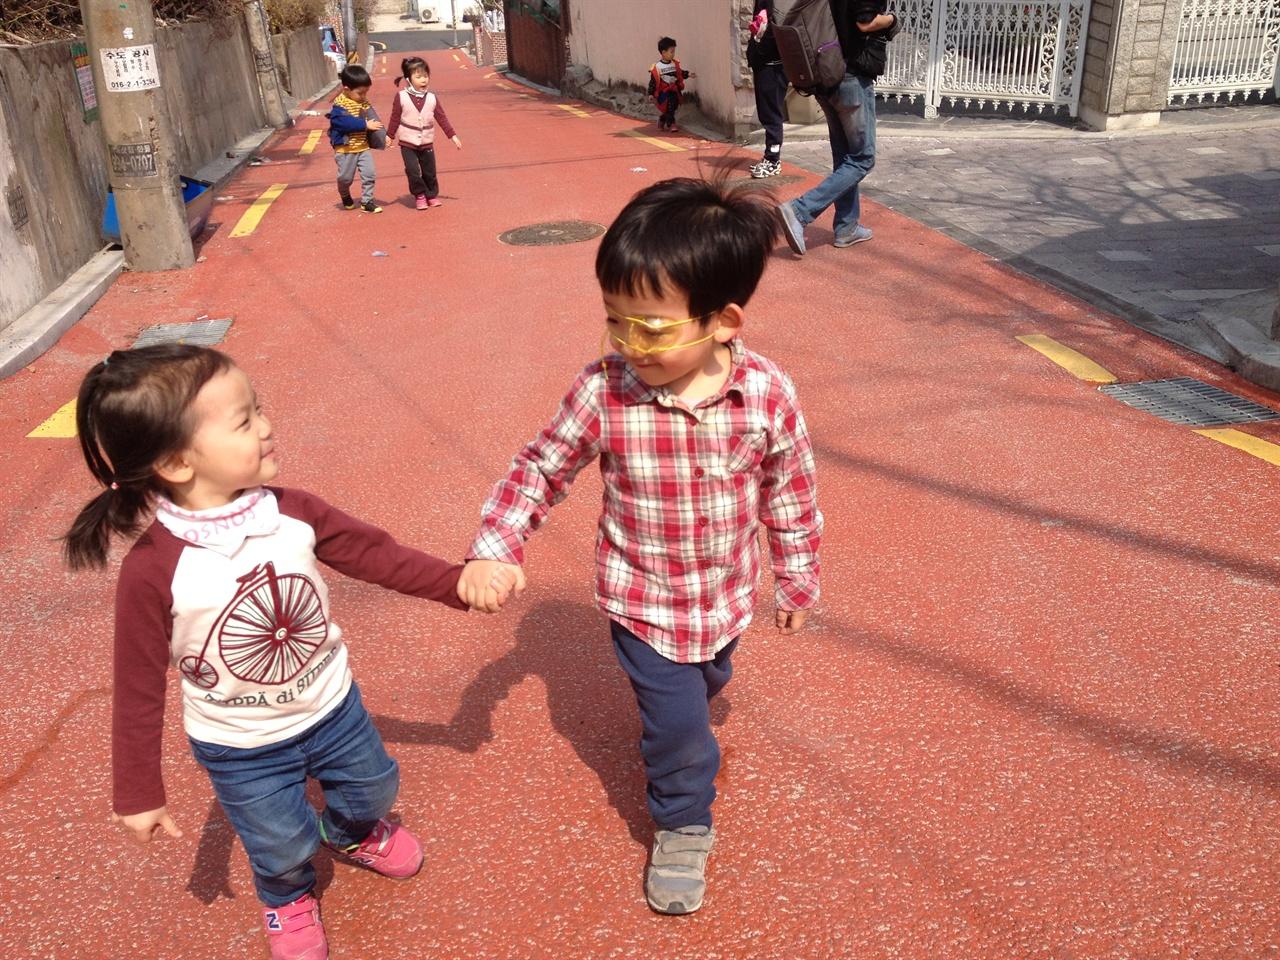 손잡고 산책가는 길. 아이들 마다 좋아하는 손잡는 방식이 다르기도 해요. 손잡는 것 조차도 서로의 차이를 맞춰나가는 섬세한 과정이에요.